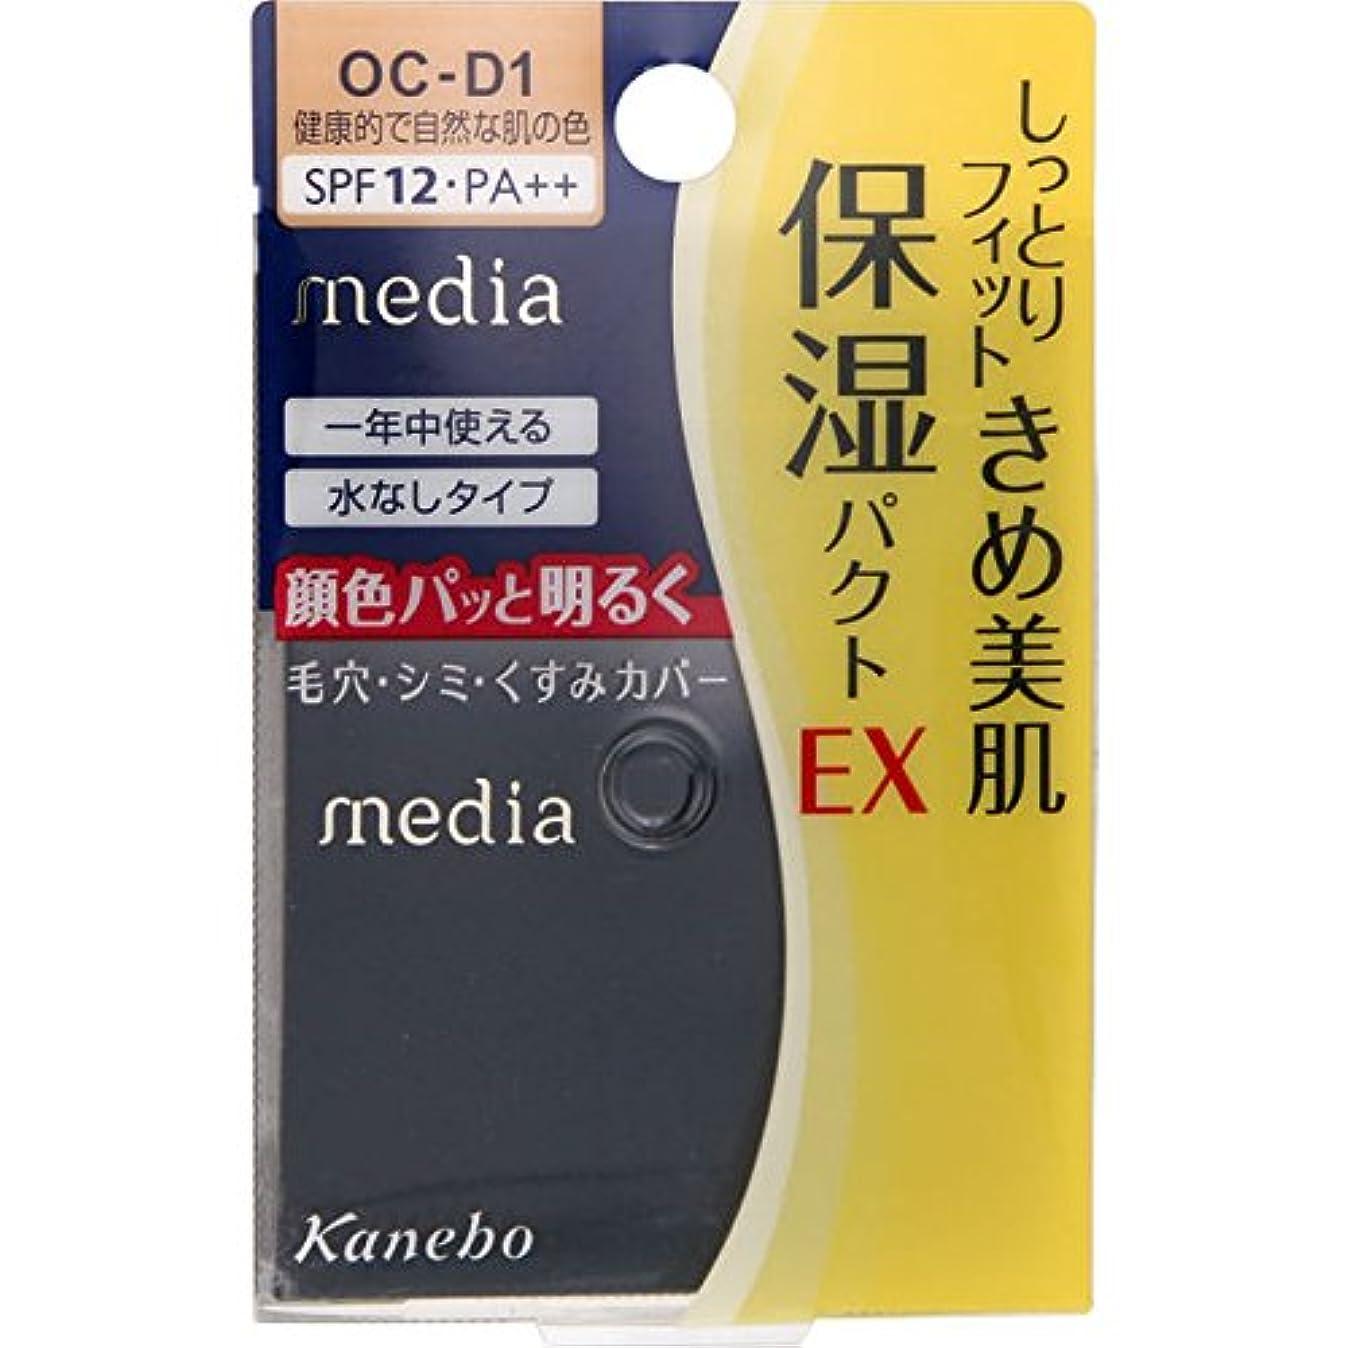 考古学アルカイック不承認カネボウ メディア モイストフィットパクトEX OC-D1(11g)